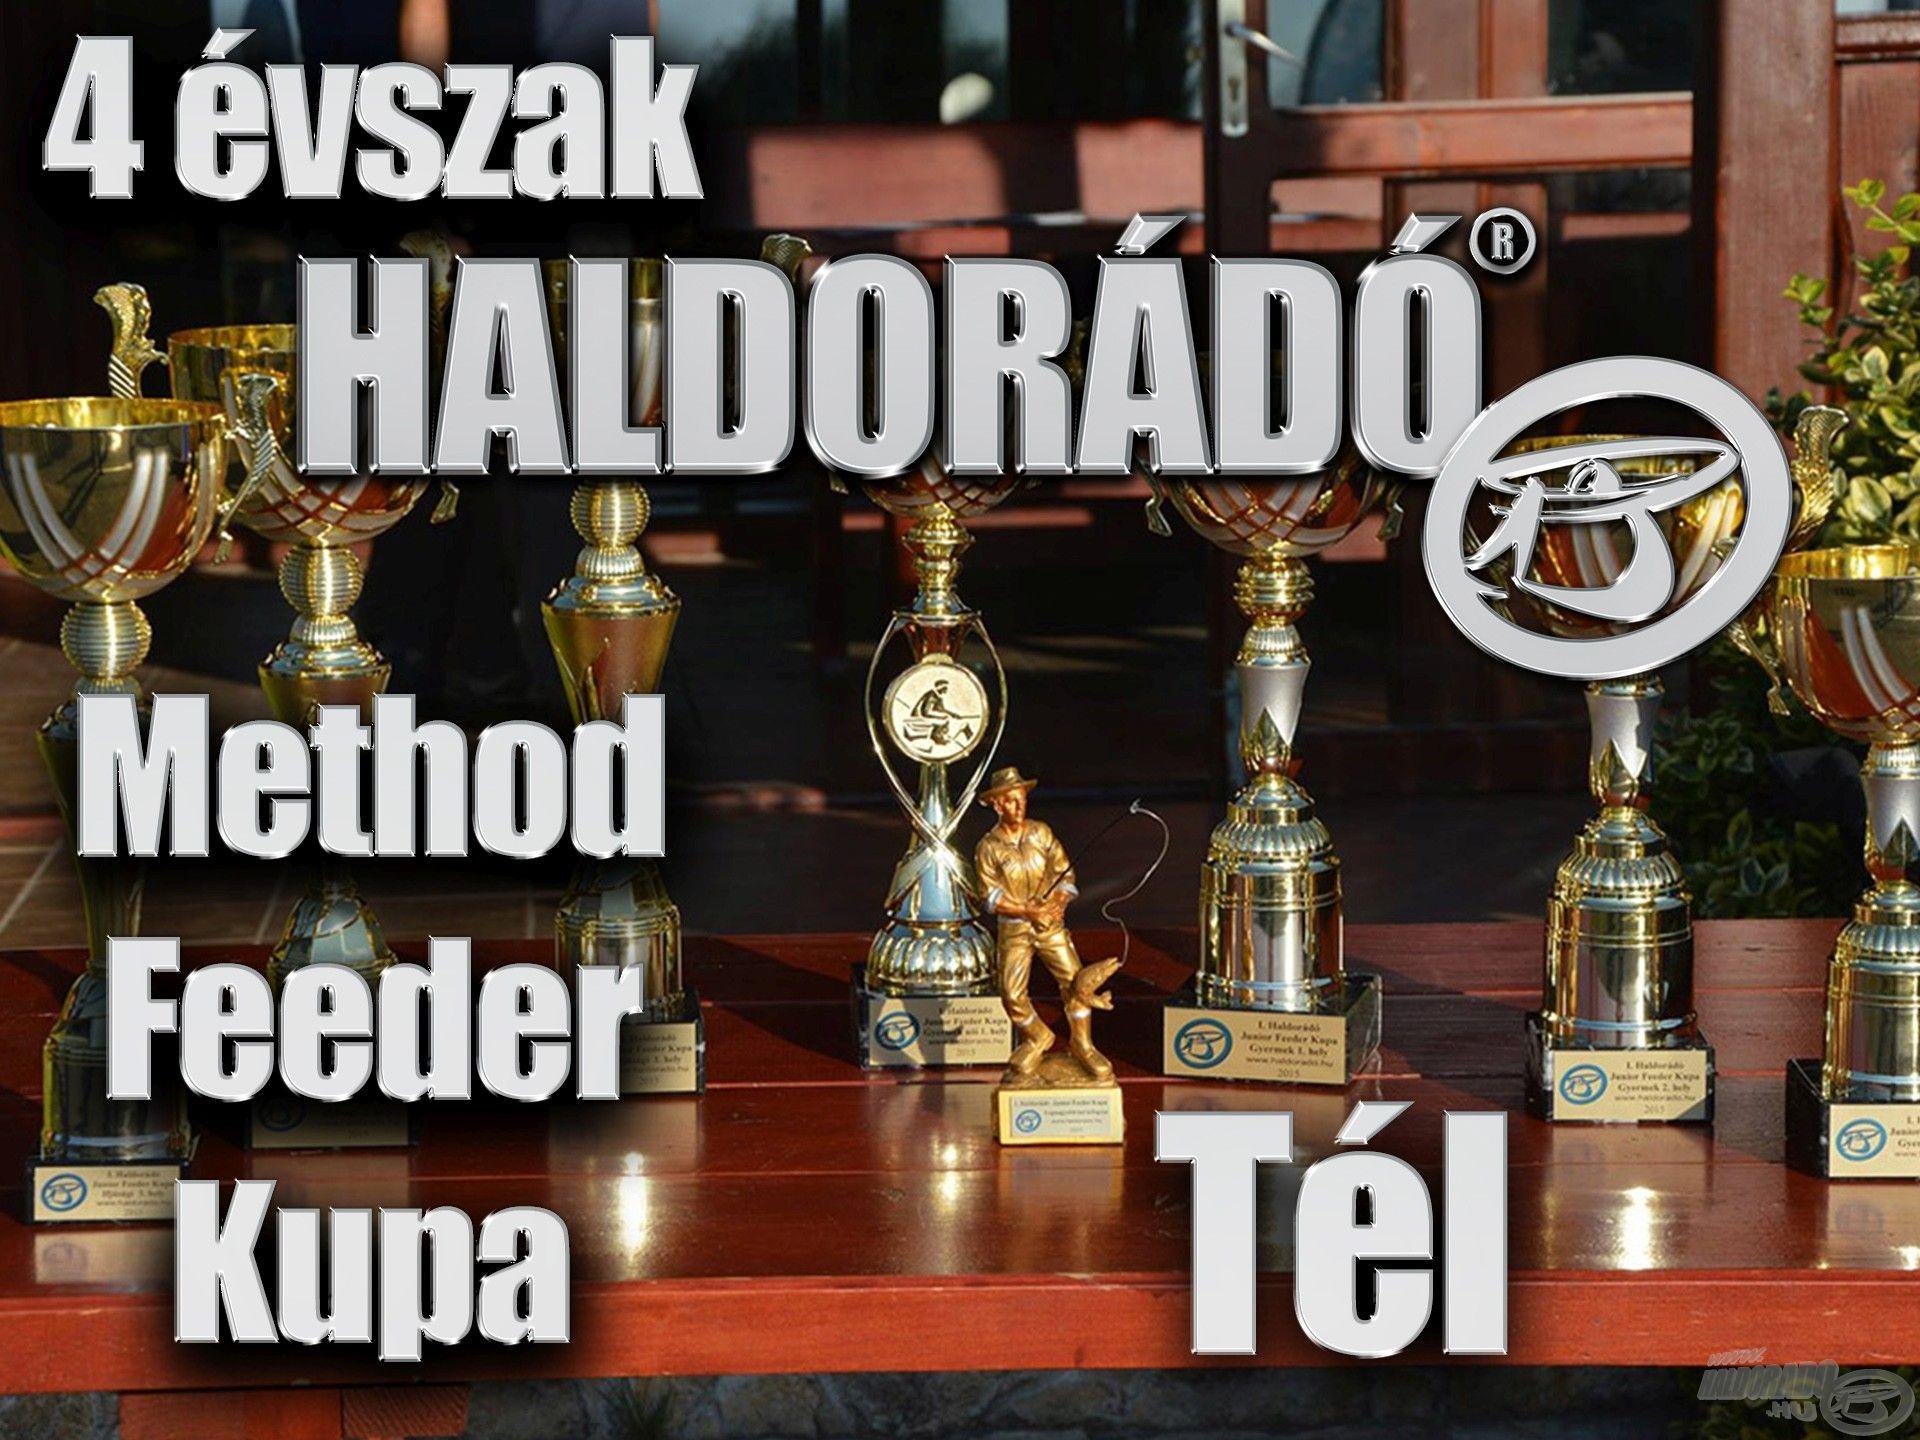 4 évszak Haldorádó Method Feeder Kupa 2020 versenysorozat kiírás – Tél, záró forduló